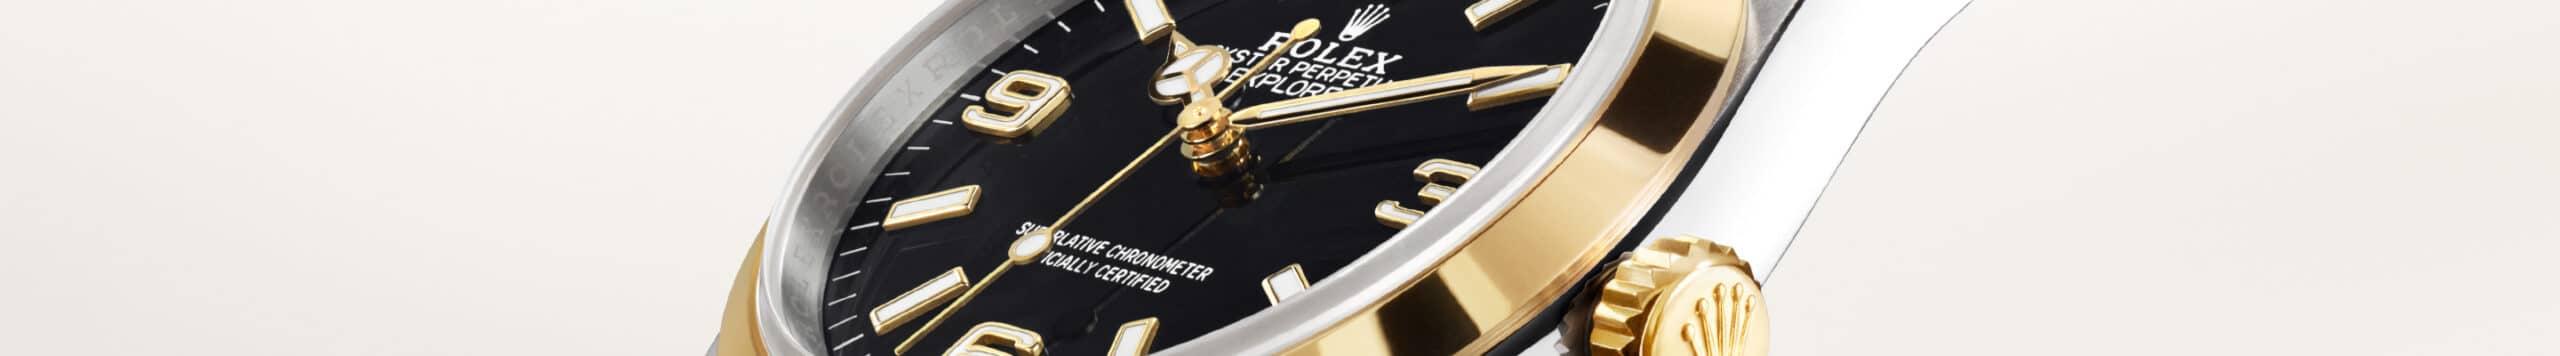 อัพเดทนาฬิกาข้อมือ Rolex ในประเทศไทย ที่ เอ็น จี จี อุดรธานี